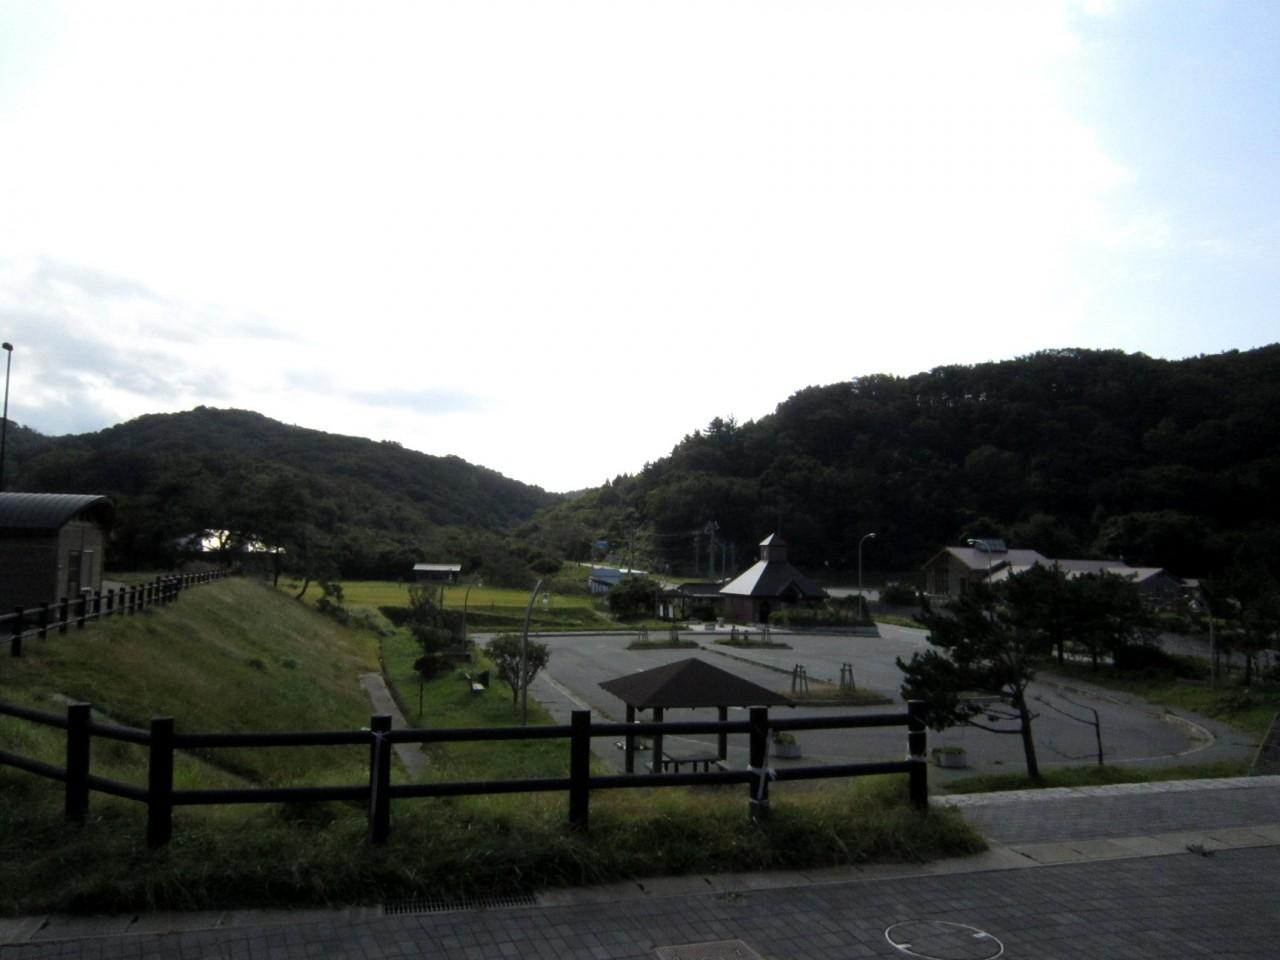 青森 風景 秋 津軽 中泊町 道の駅こどまり 駐車場